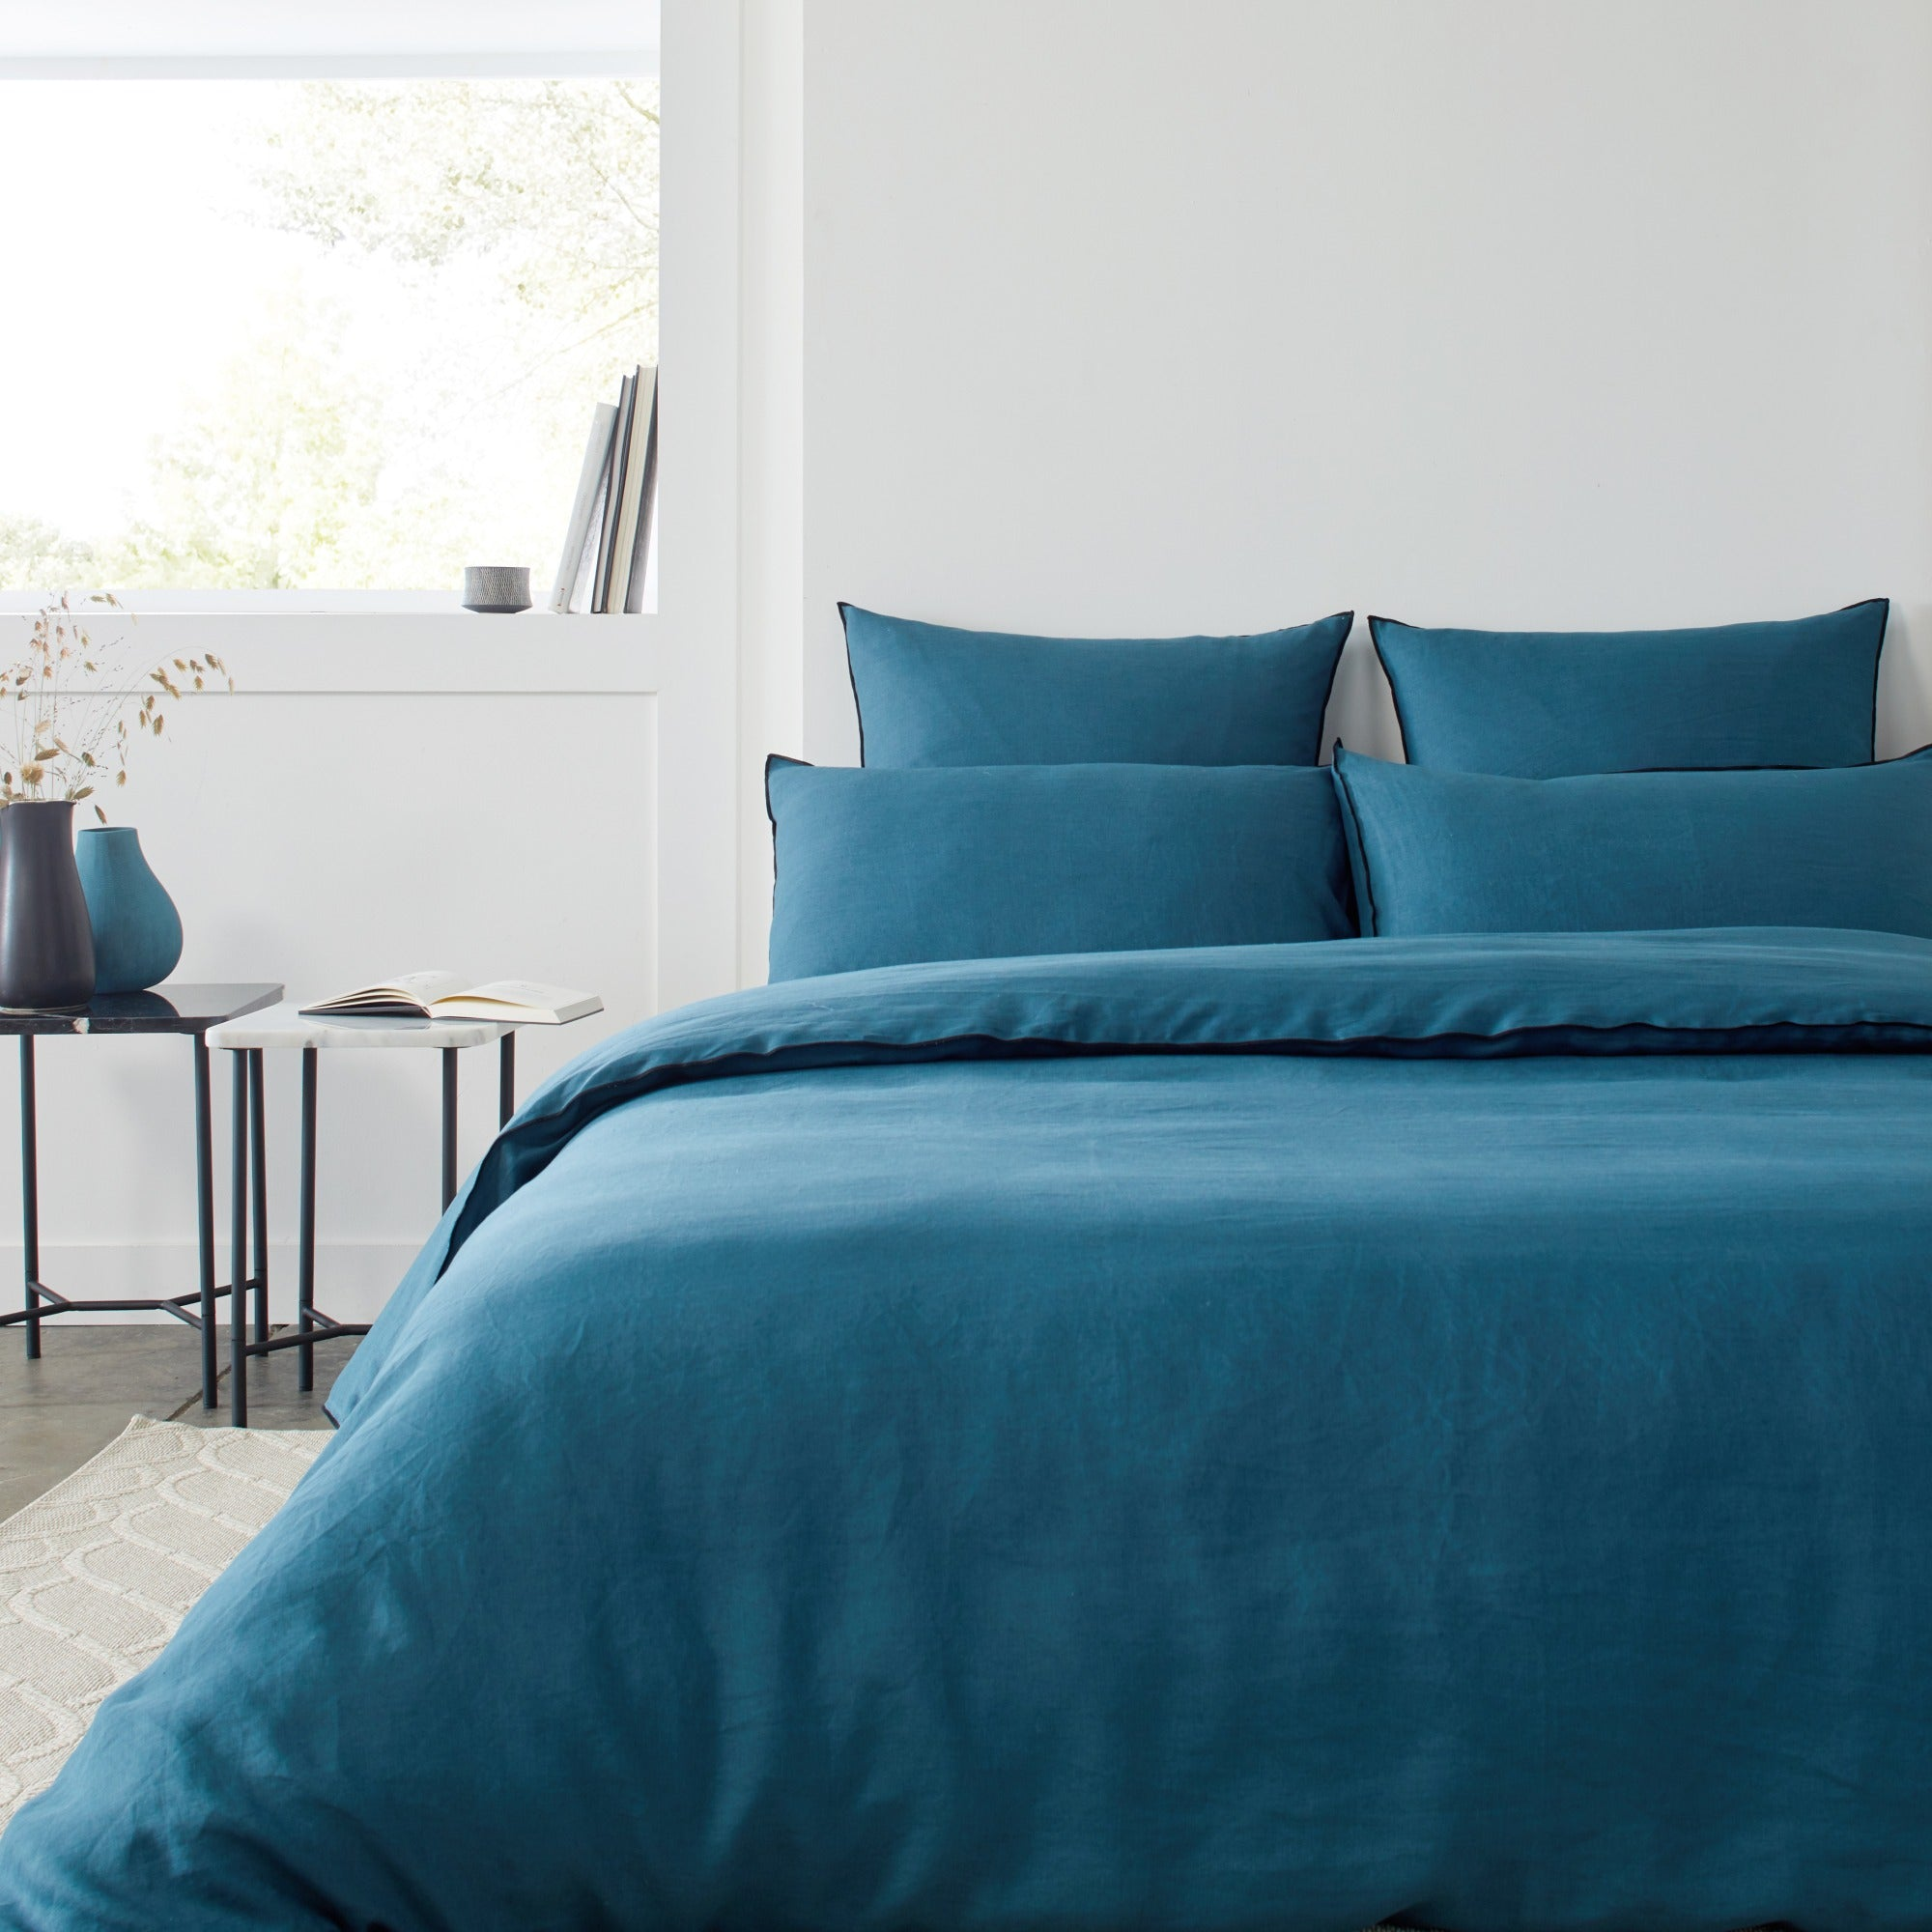 Housse de couette 140x200 cm Bleu vert et bourdon noir